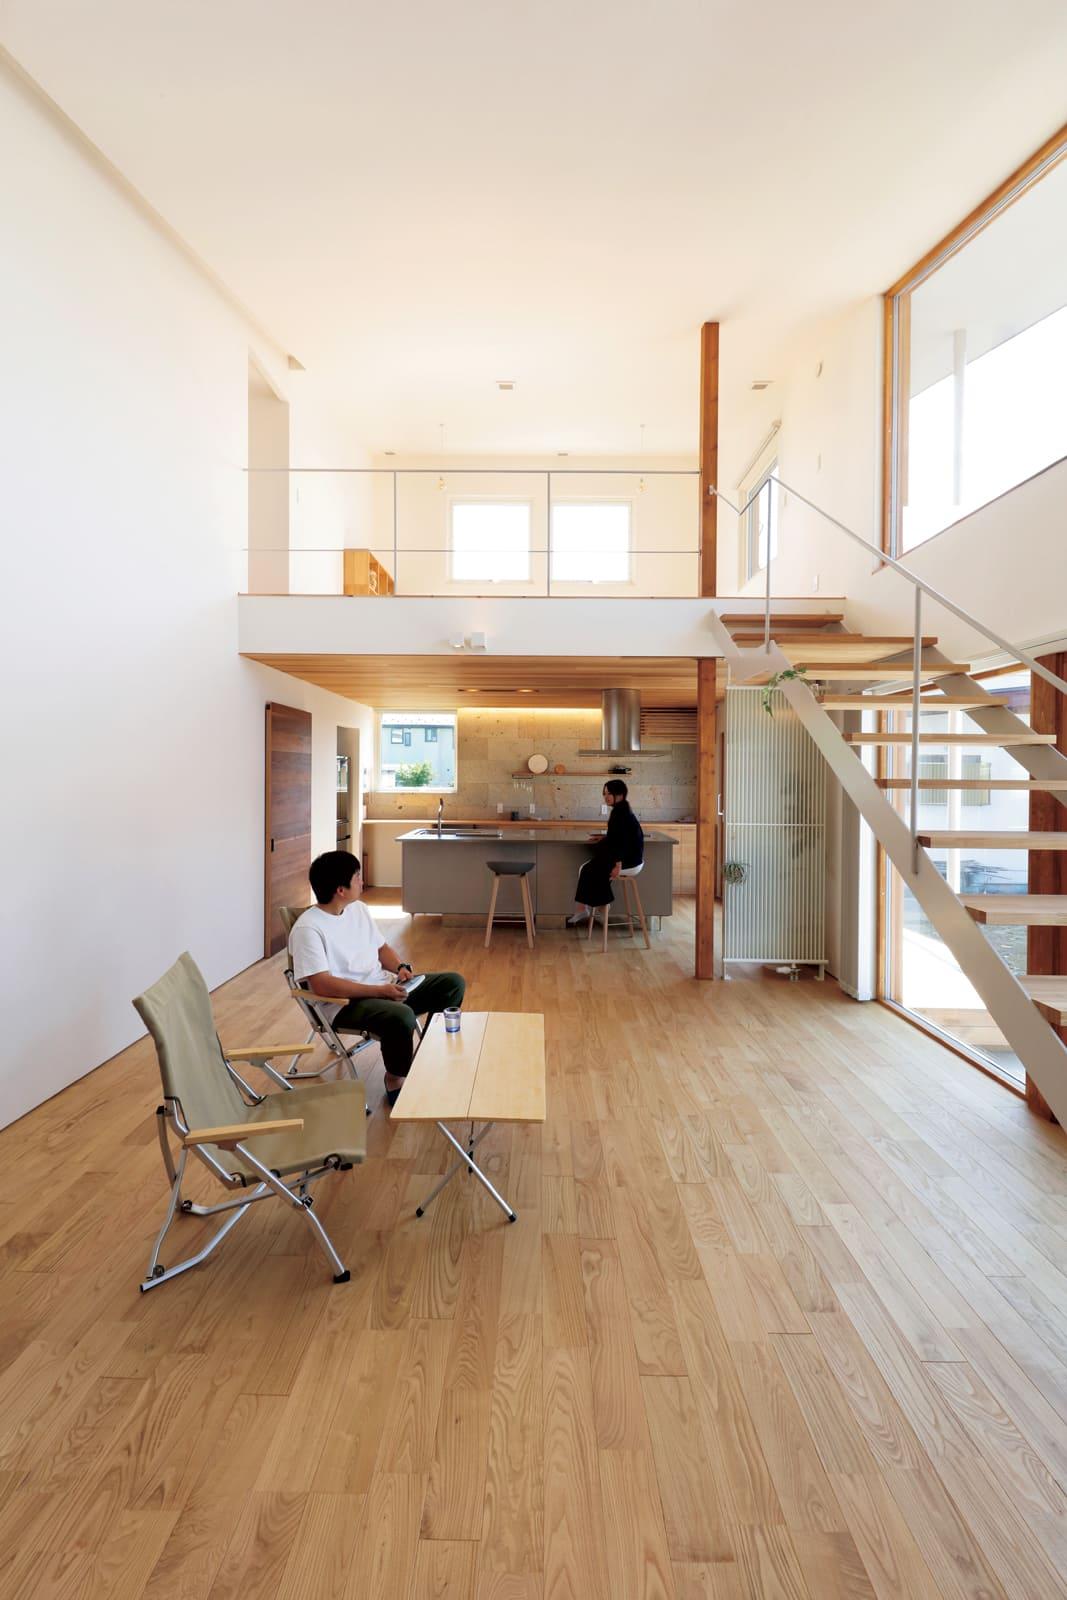 片流れ屋根の形状を活かしたダイナミックなLDKは吹き抜けで開放感いっぱい。白壁と木の空間に白のスケルトン階段が映える